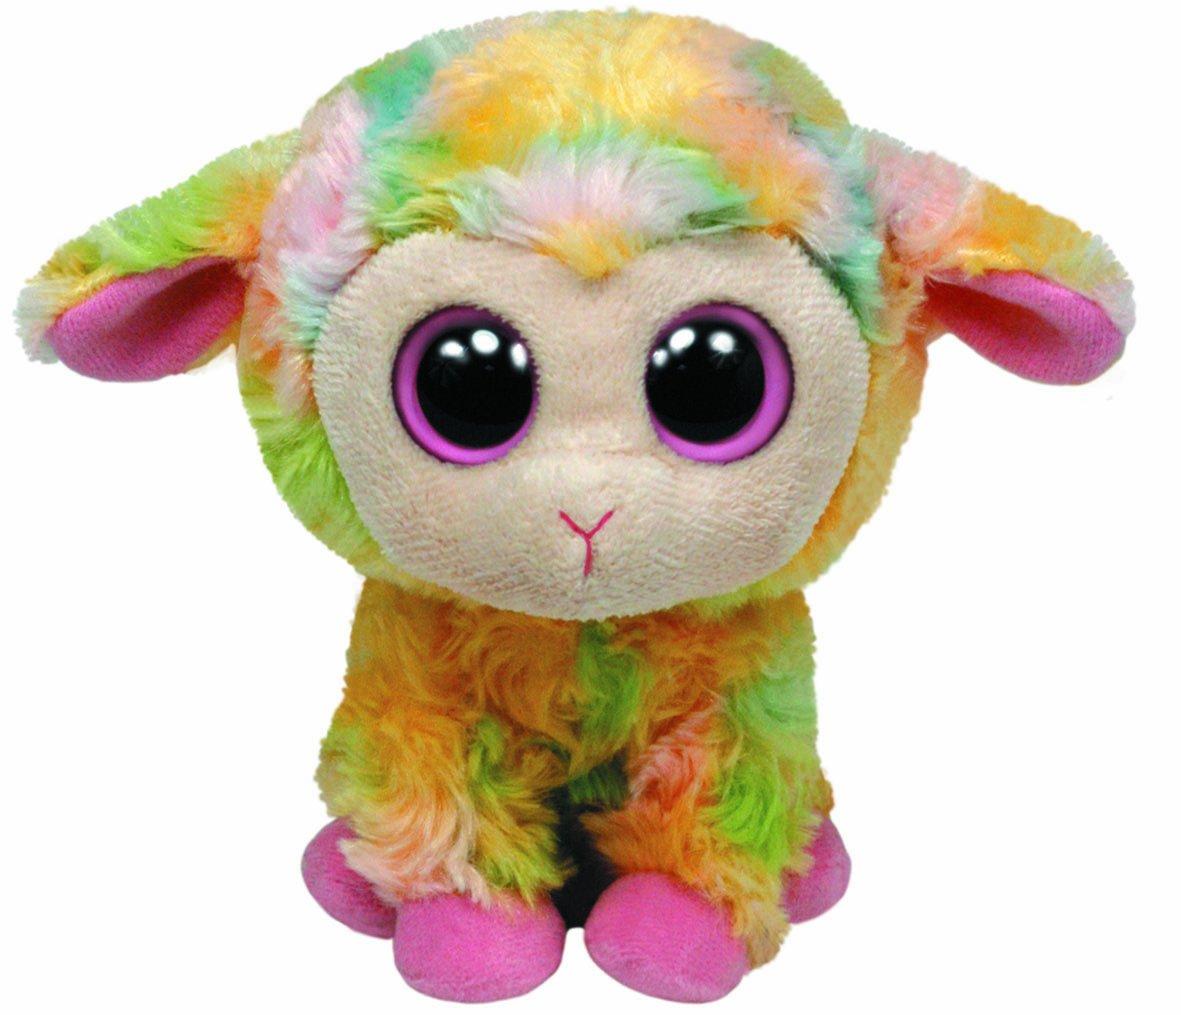 Ty 36974 - Beanie Boos Blossom Buddy, peluche de cordero (24 cm), multicolor